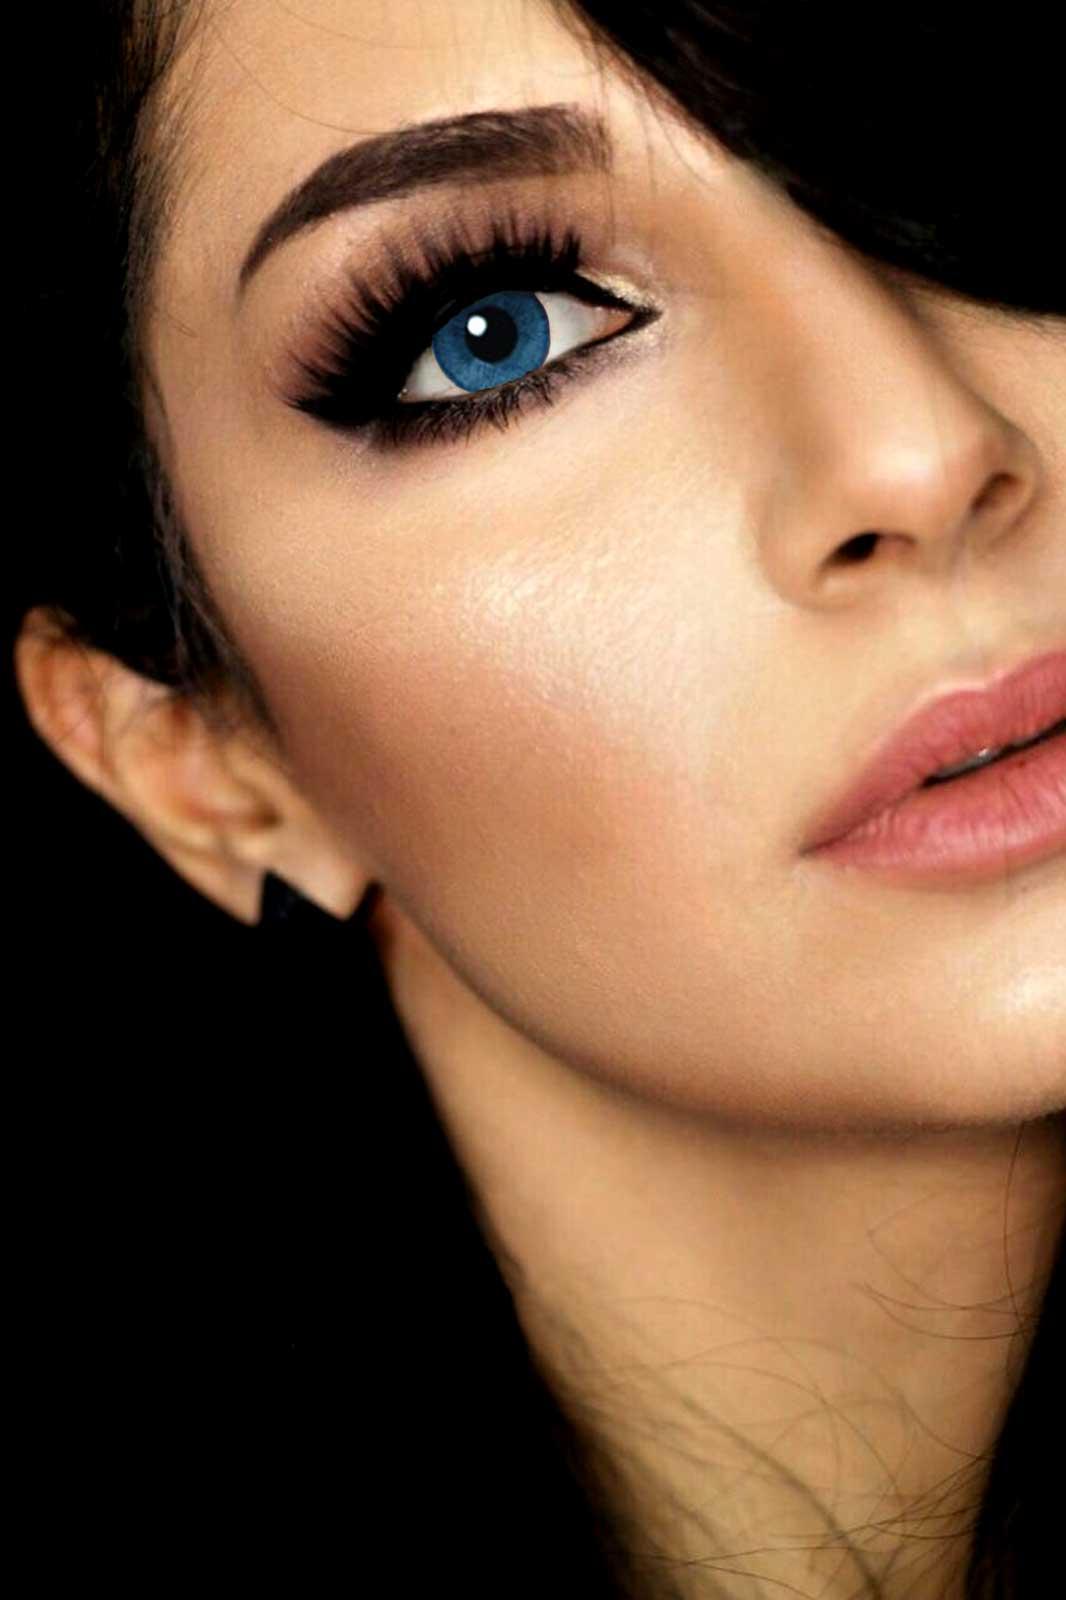 mesmer eyes lenses 3 month blue